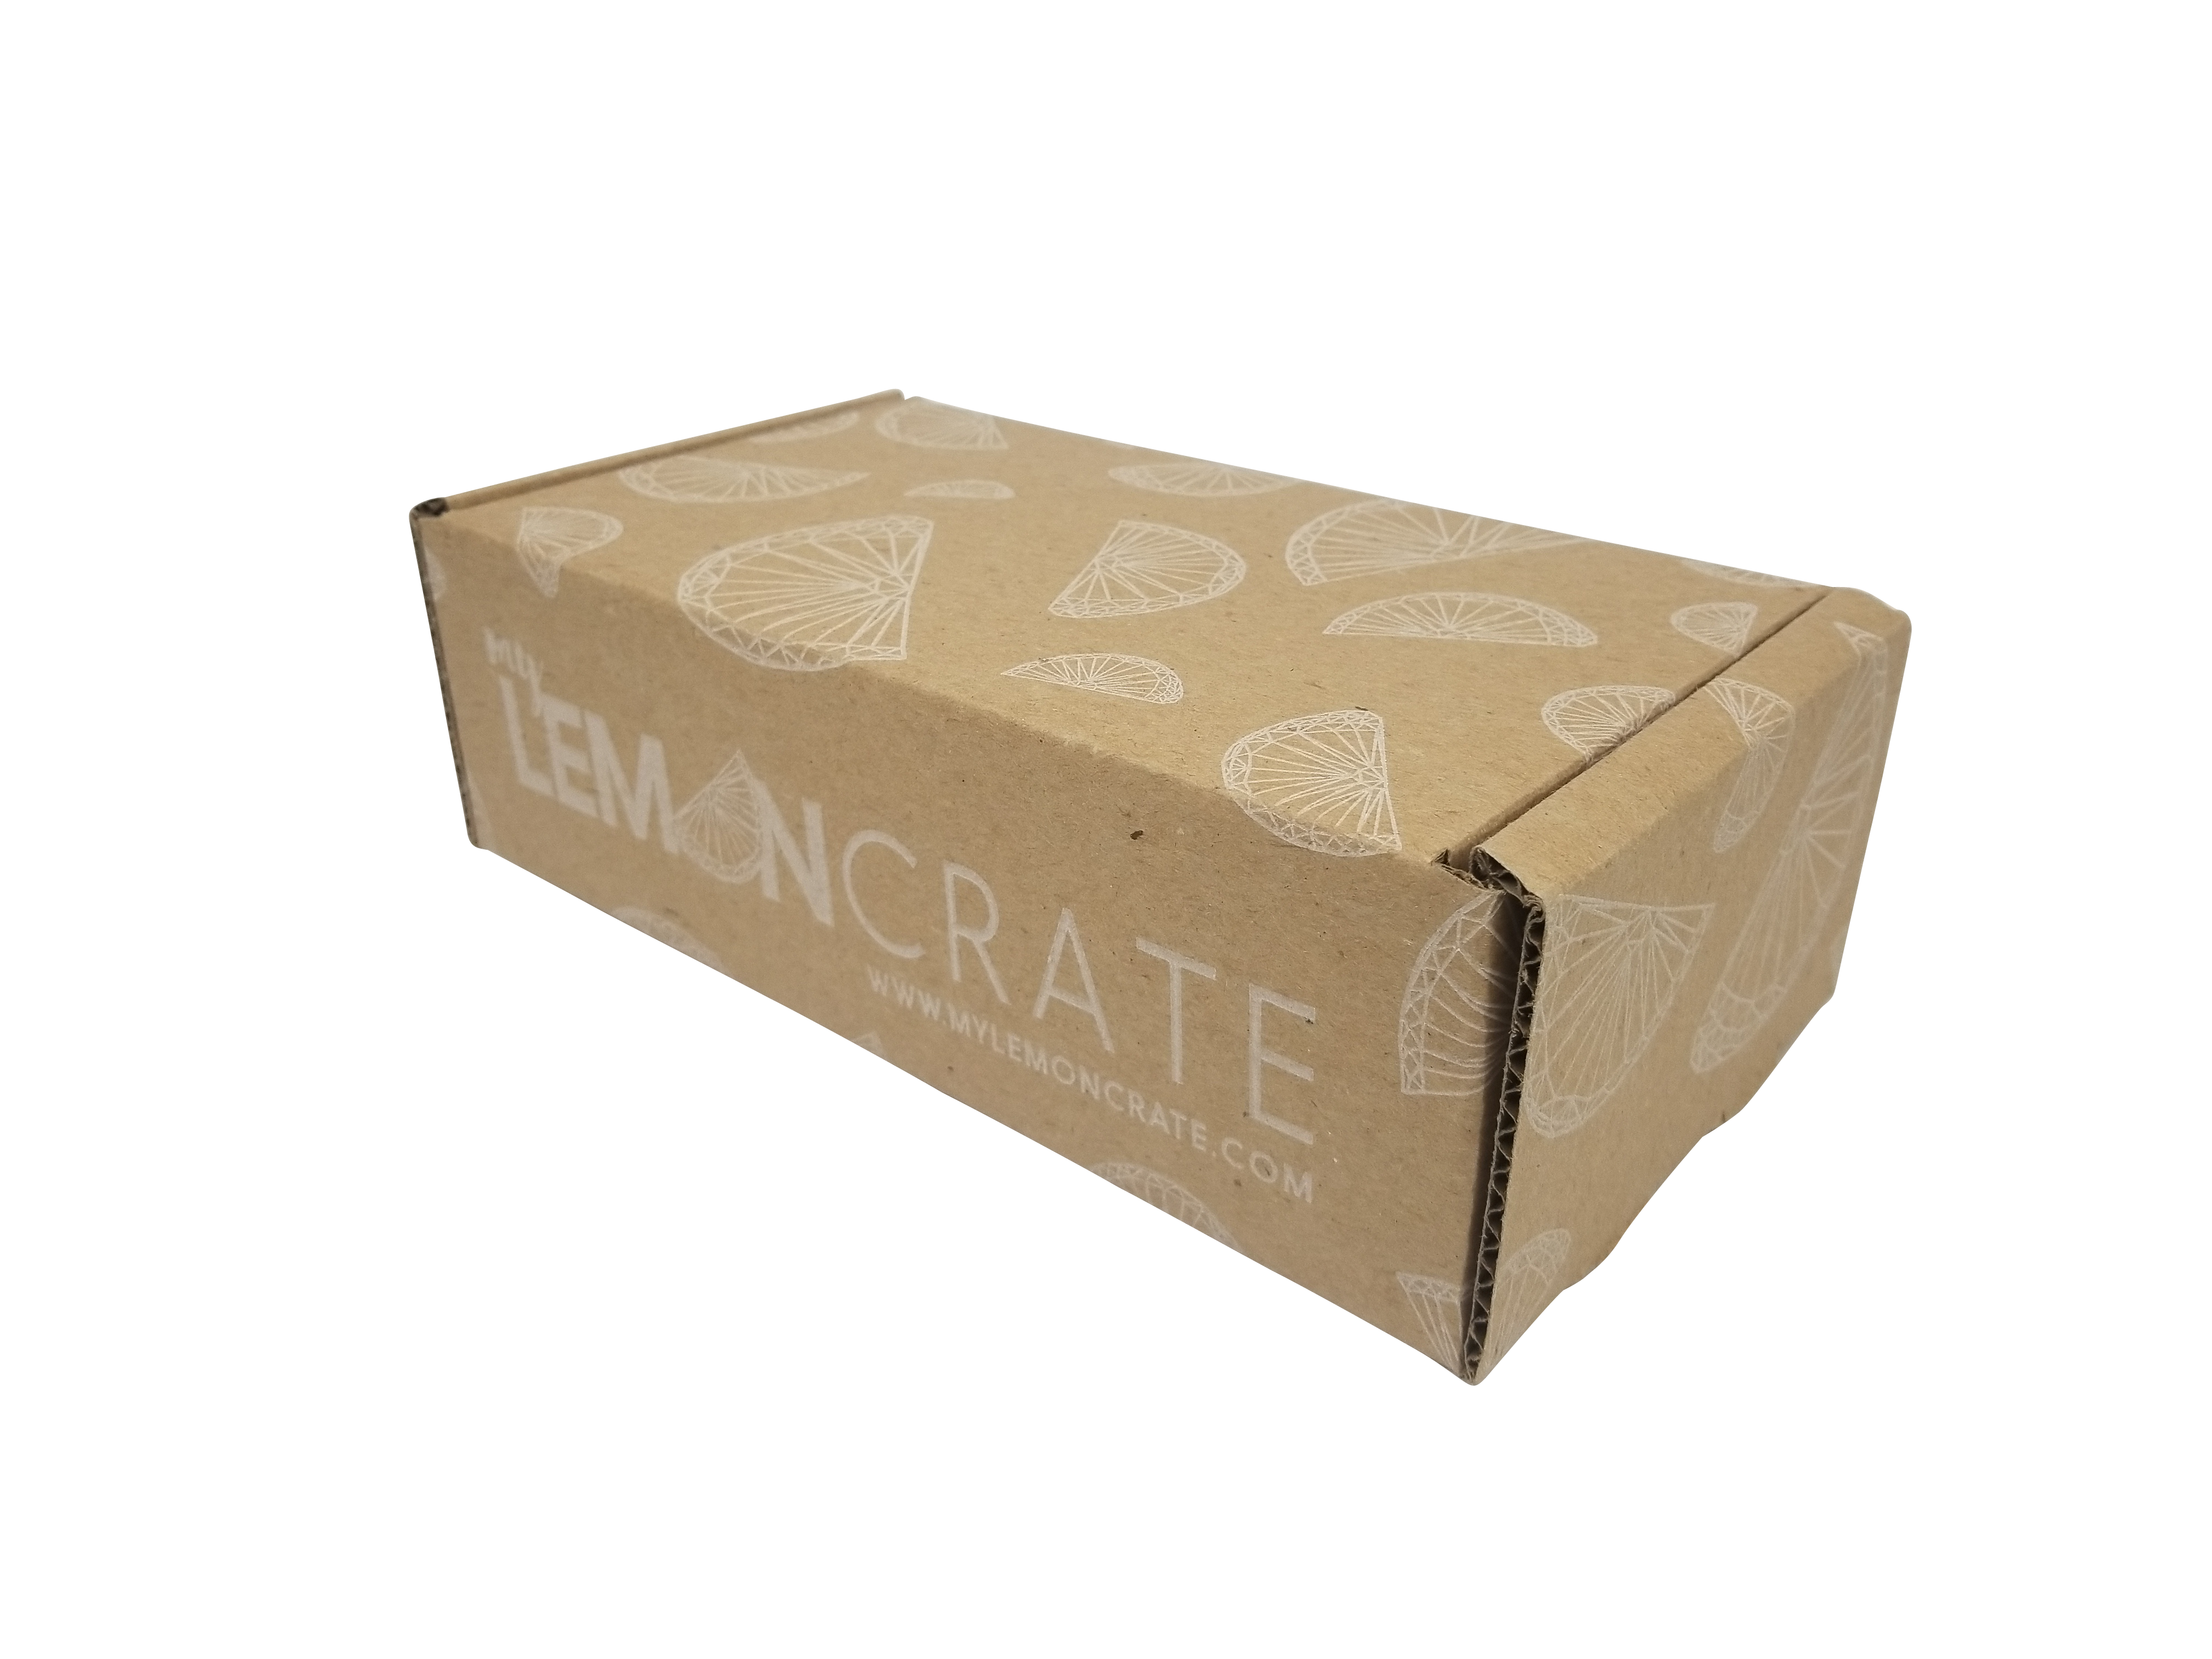 lemon crate subscription box